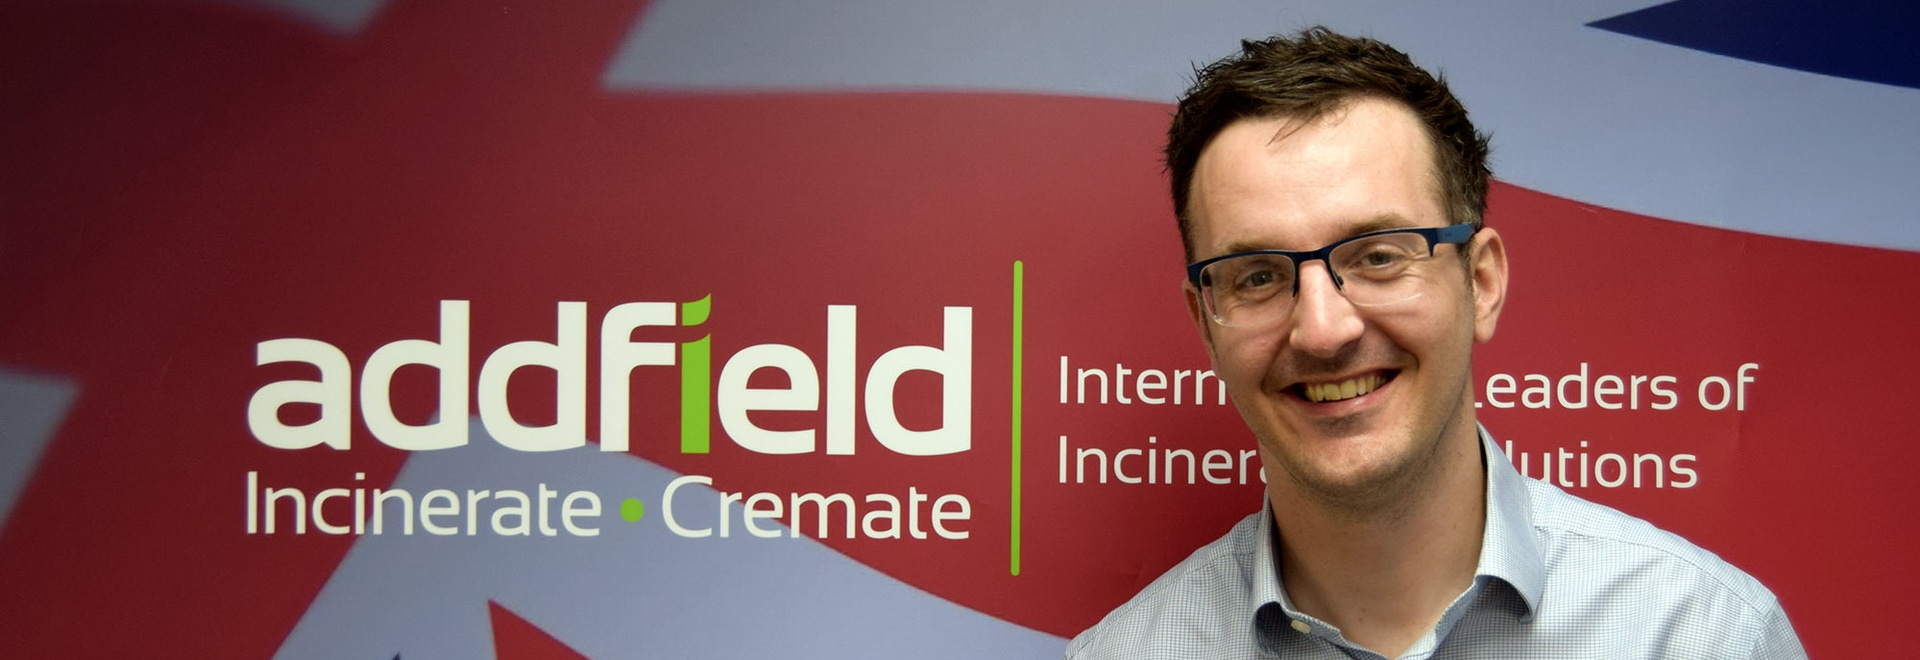 James Grant devient directeur du développement commercial chez Addfield